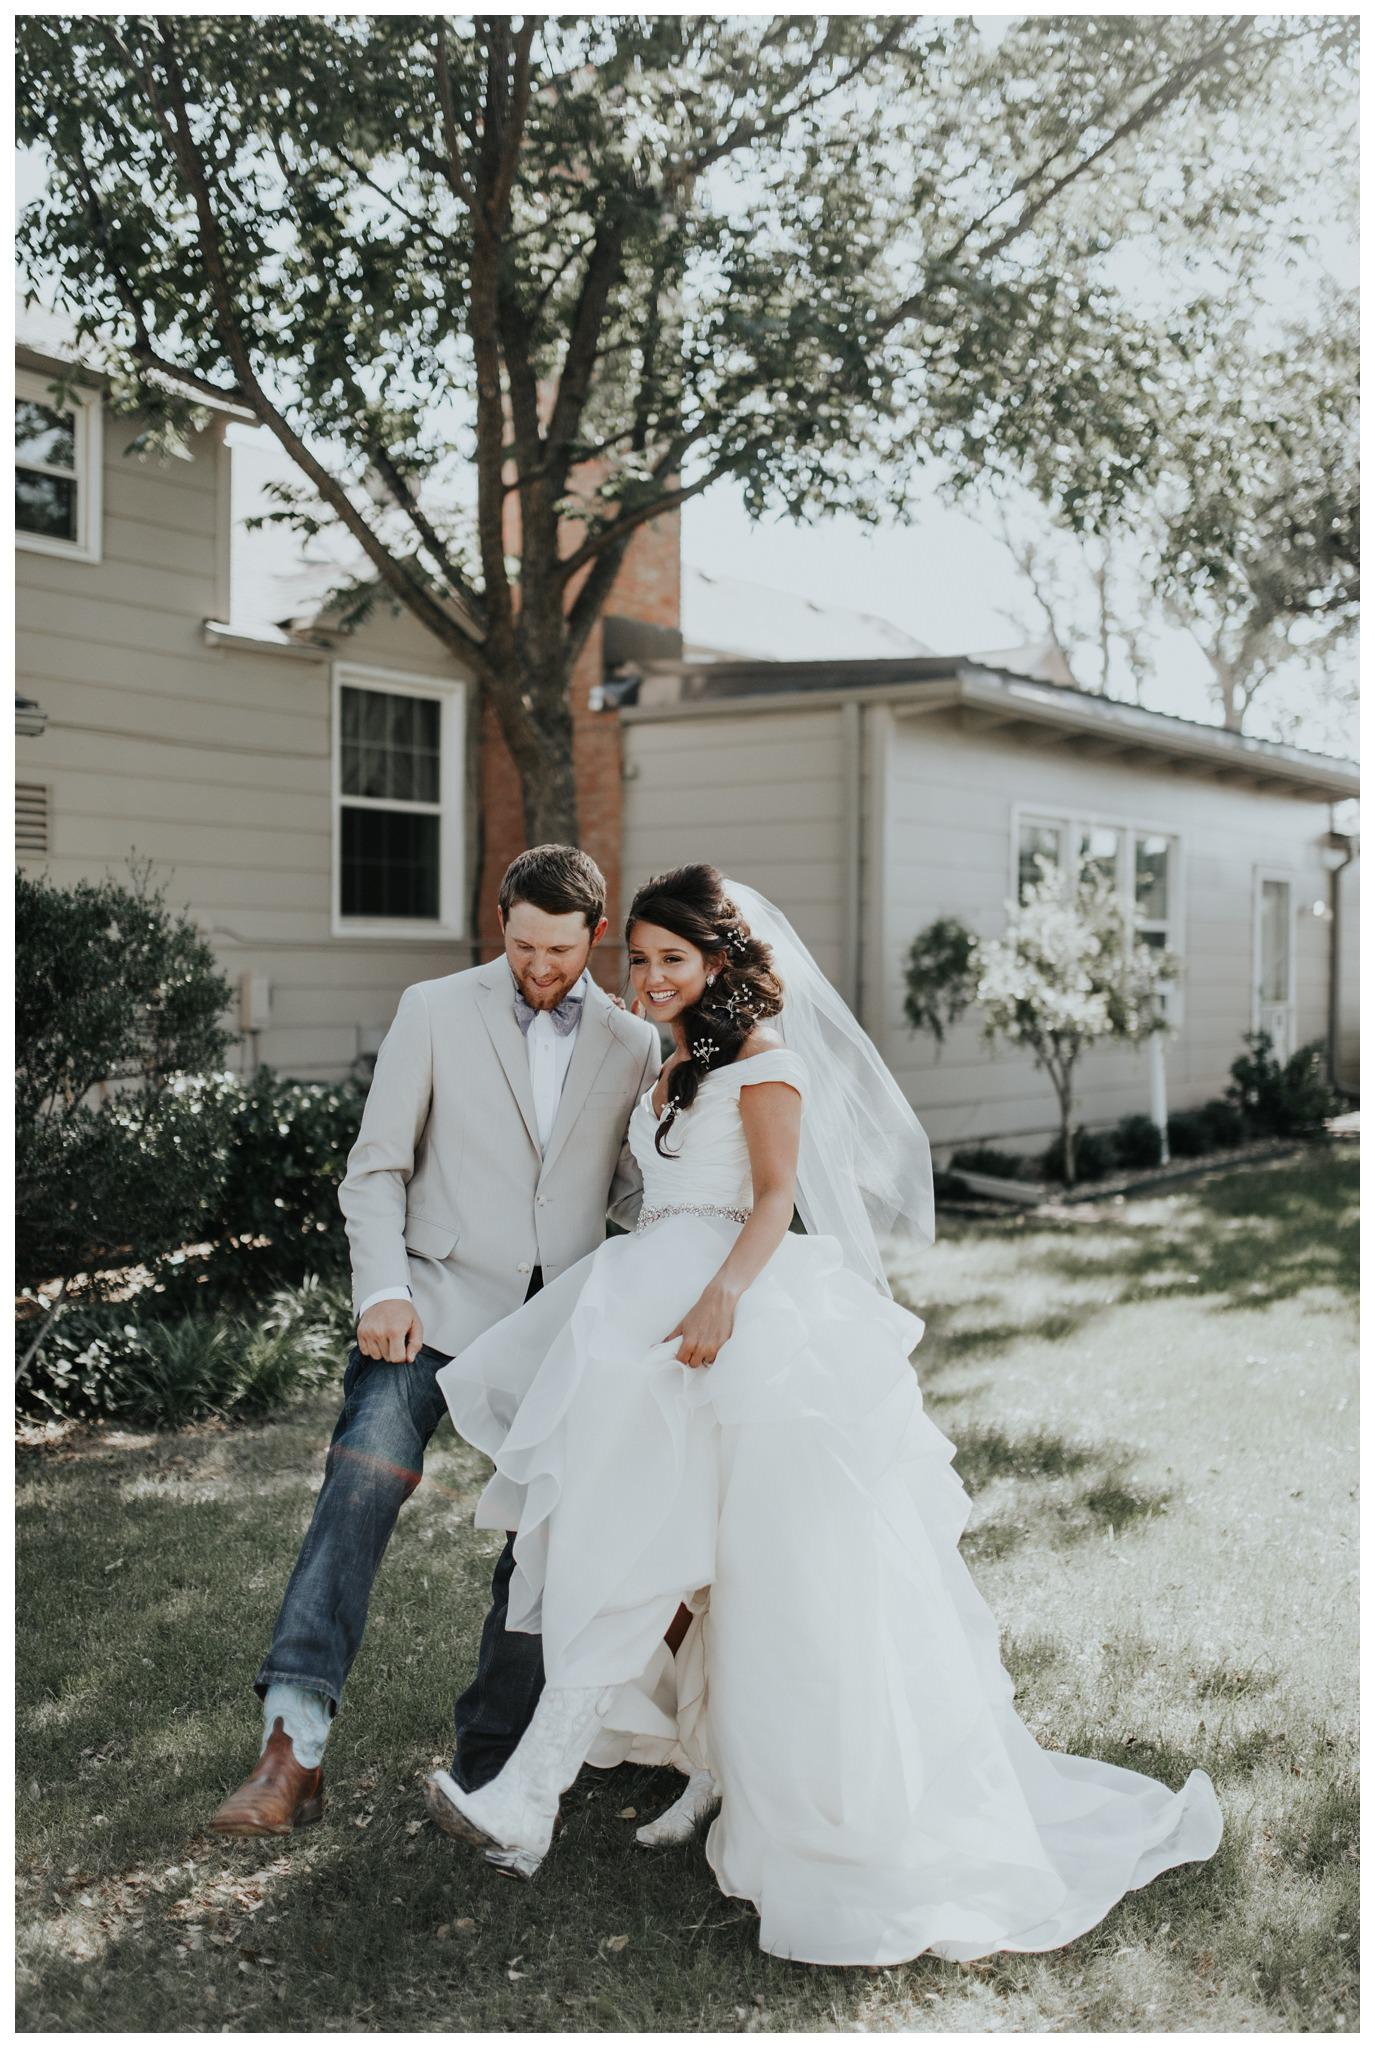 Whimsical Ranch West Texas Wedding - DIY Farm Wedding-7669.jpg